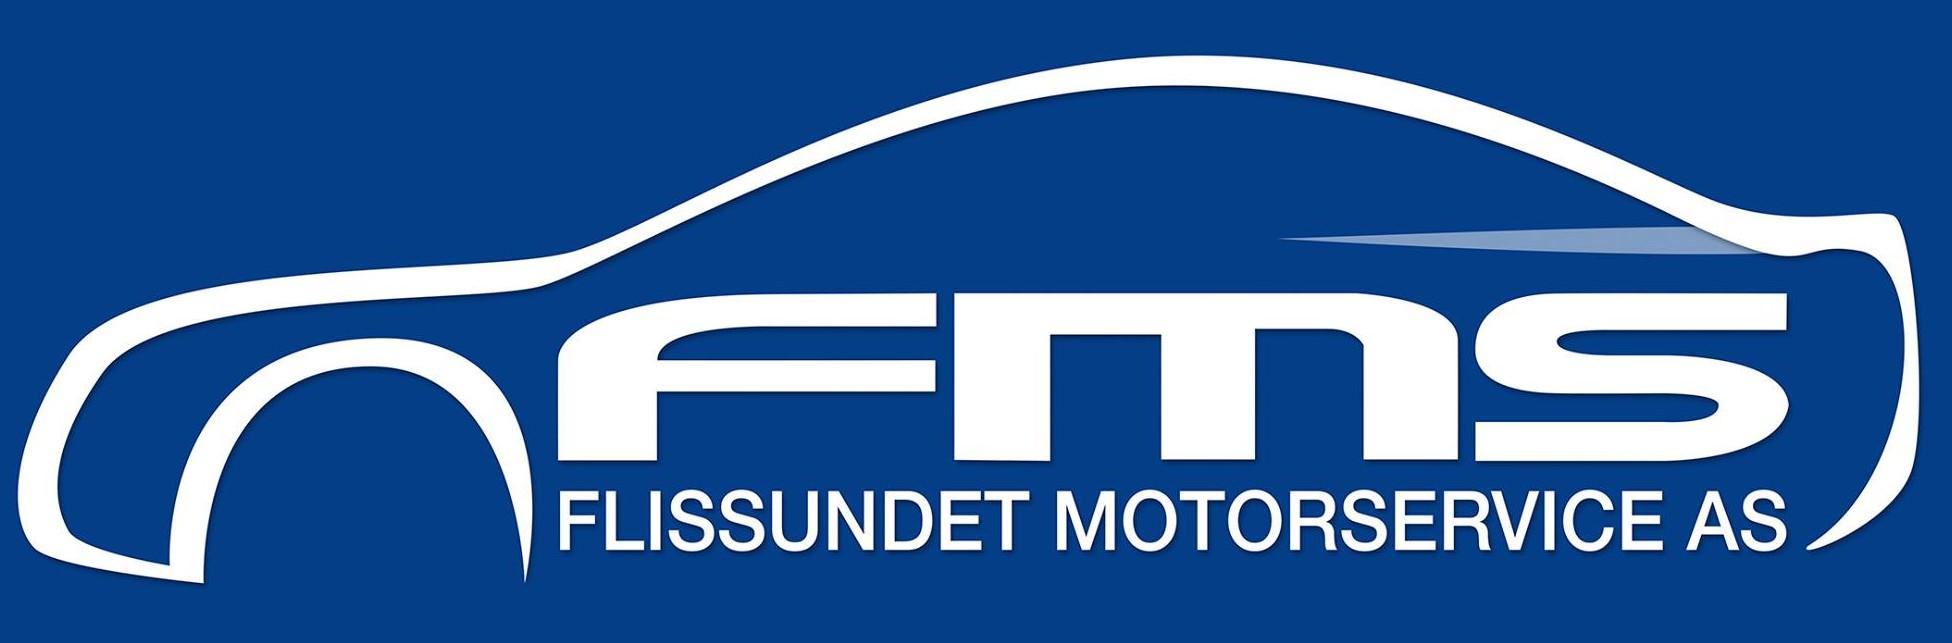 Flissundet Motorservice